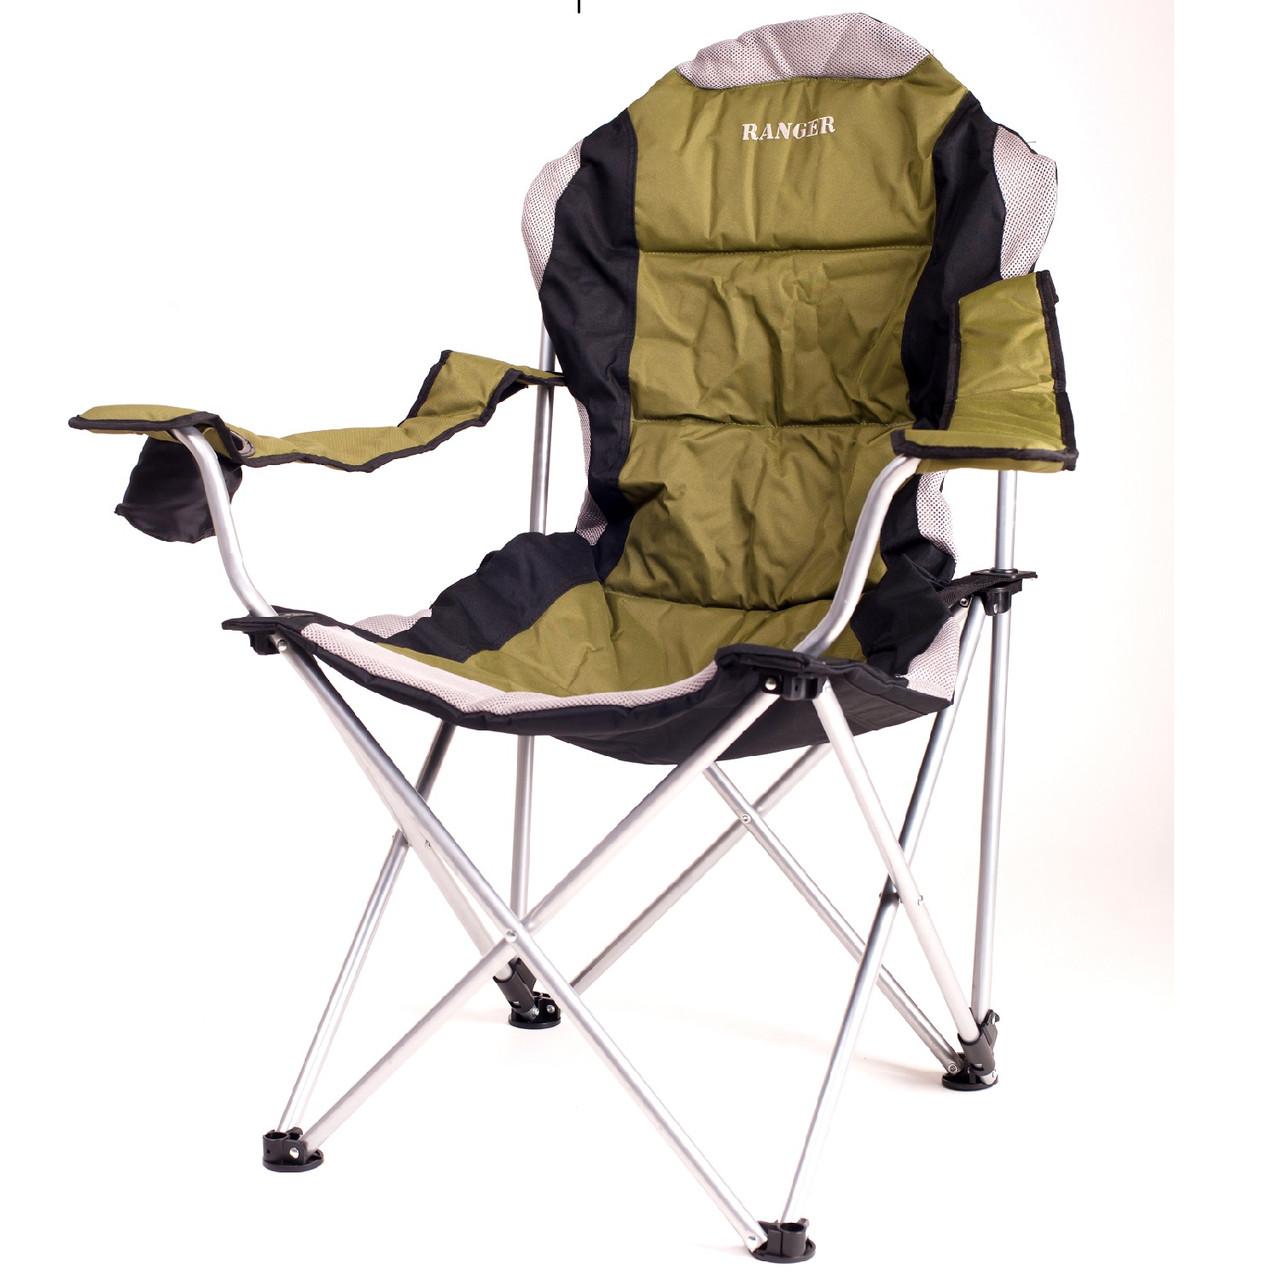 Крісло — шезлонг складне для дачі природи пікніка Ranger FC 750-052 до 140 кг навантаження Green